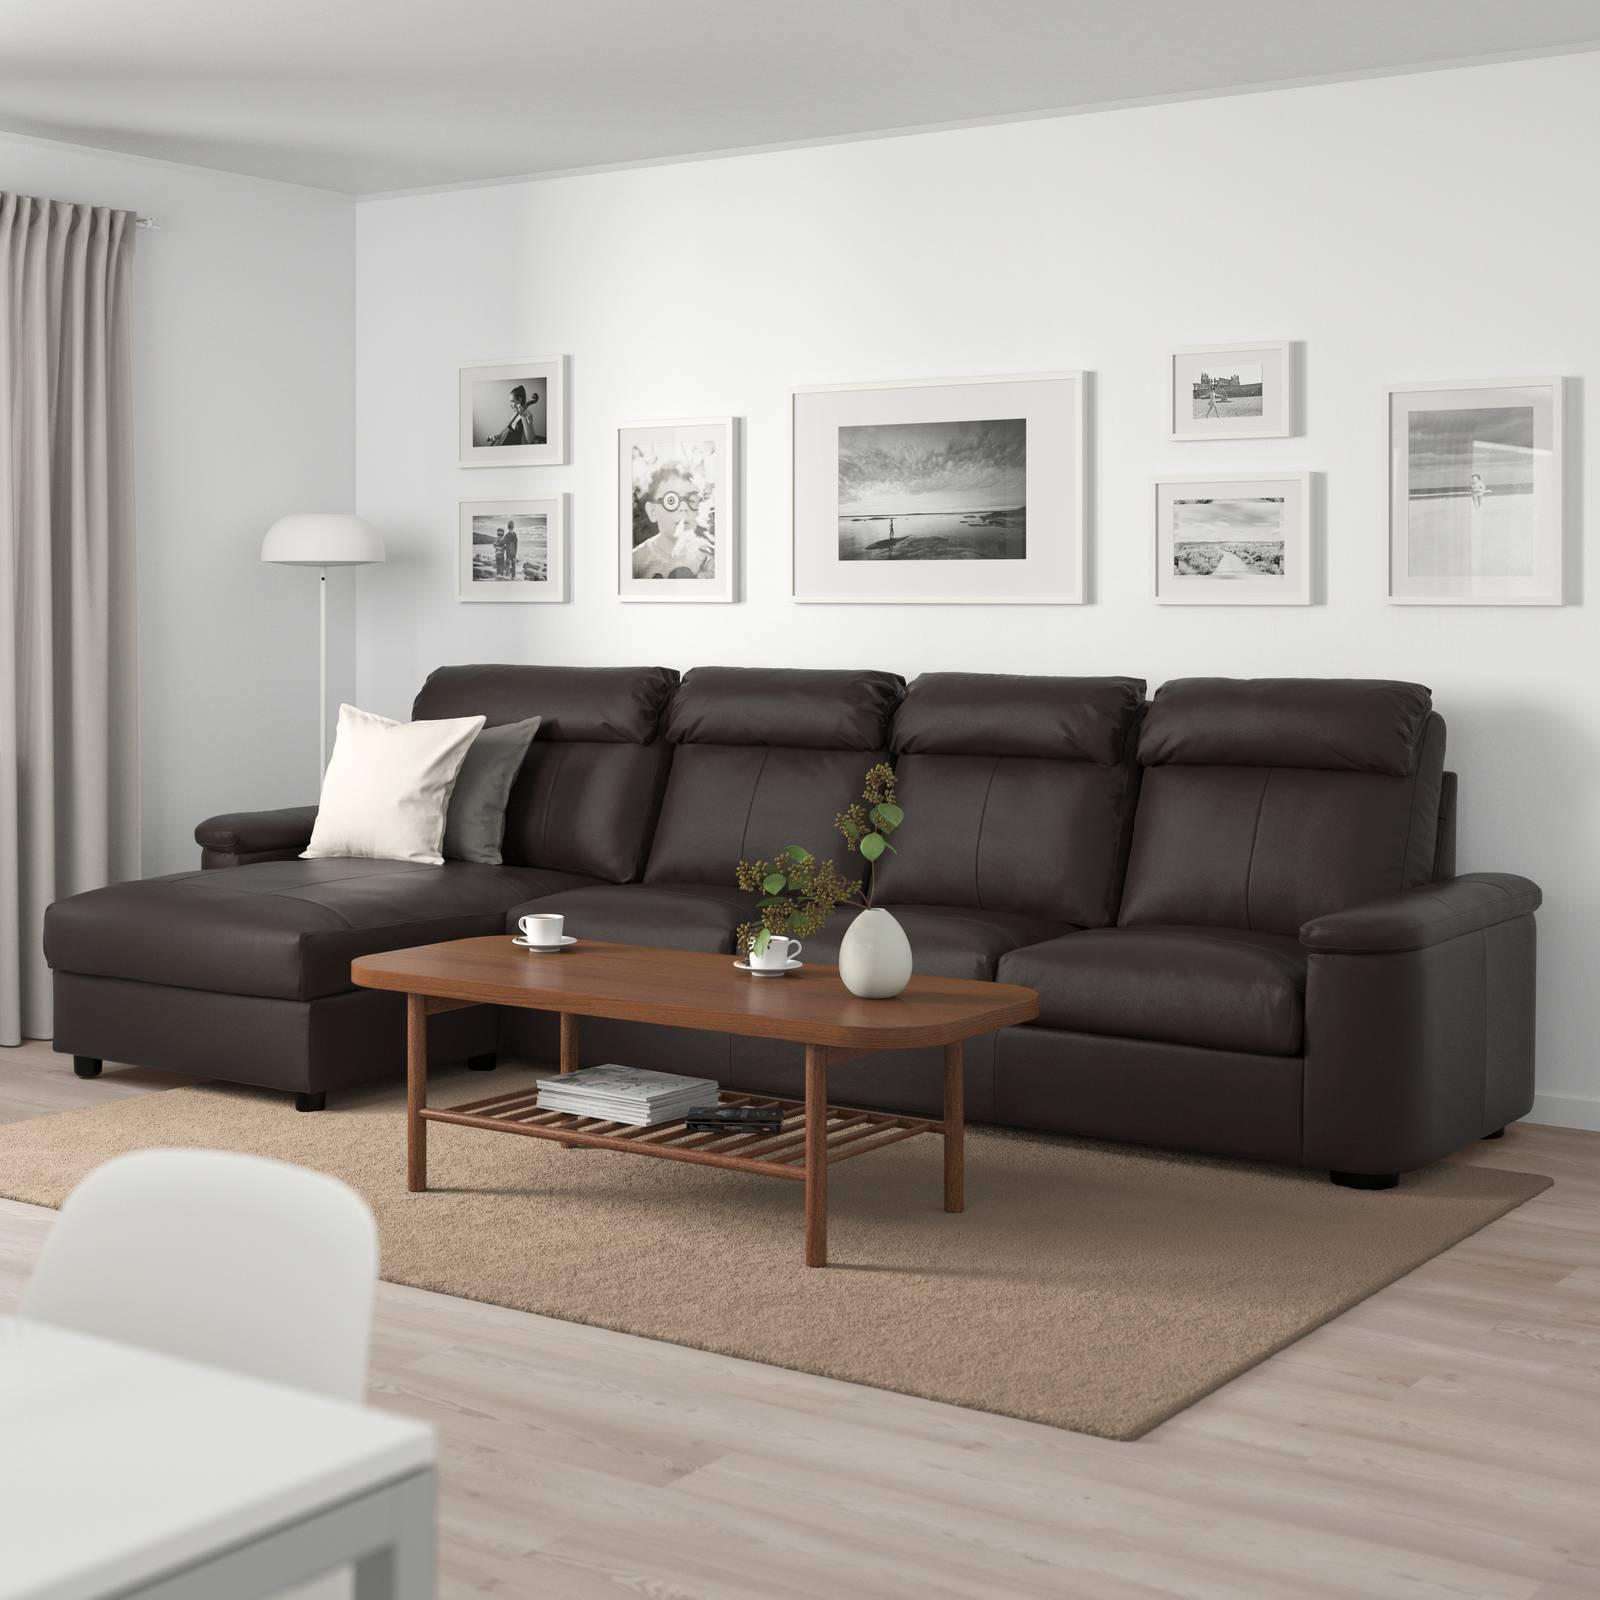 Ikea Divani In Pelle.Divano In Pelle Per Un Soggiorno Raffinato Cose Di Casa